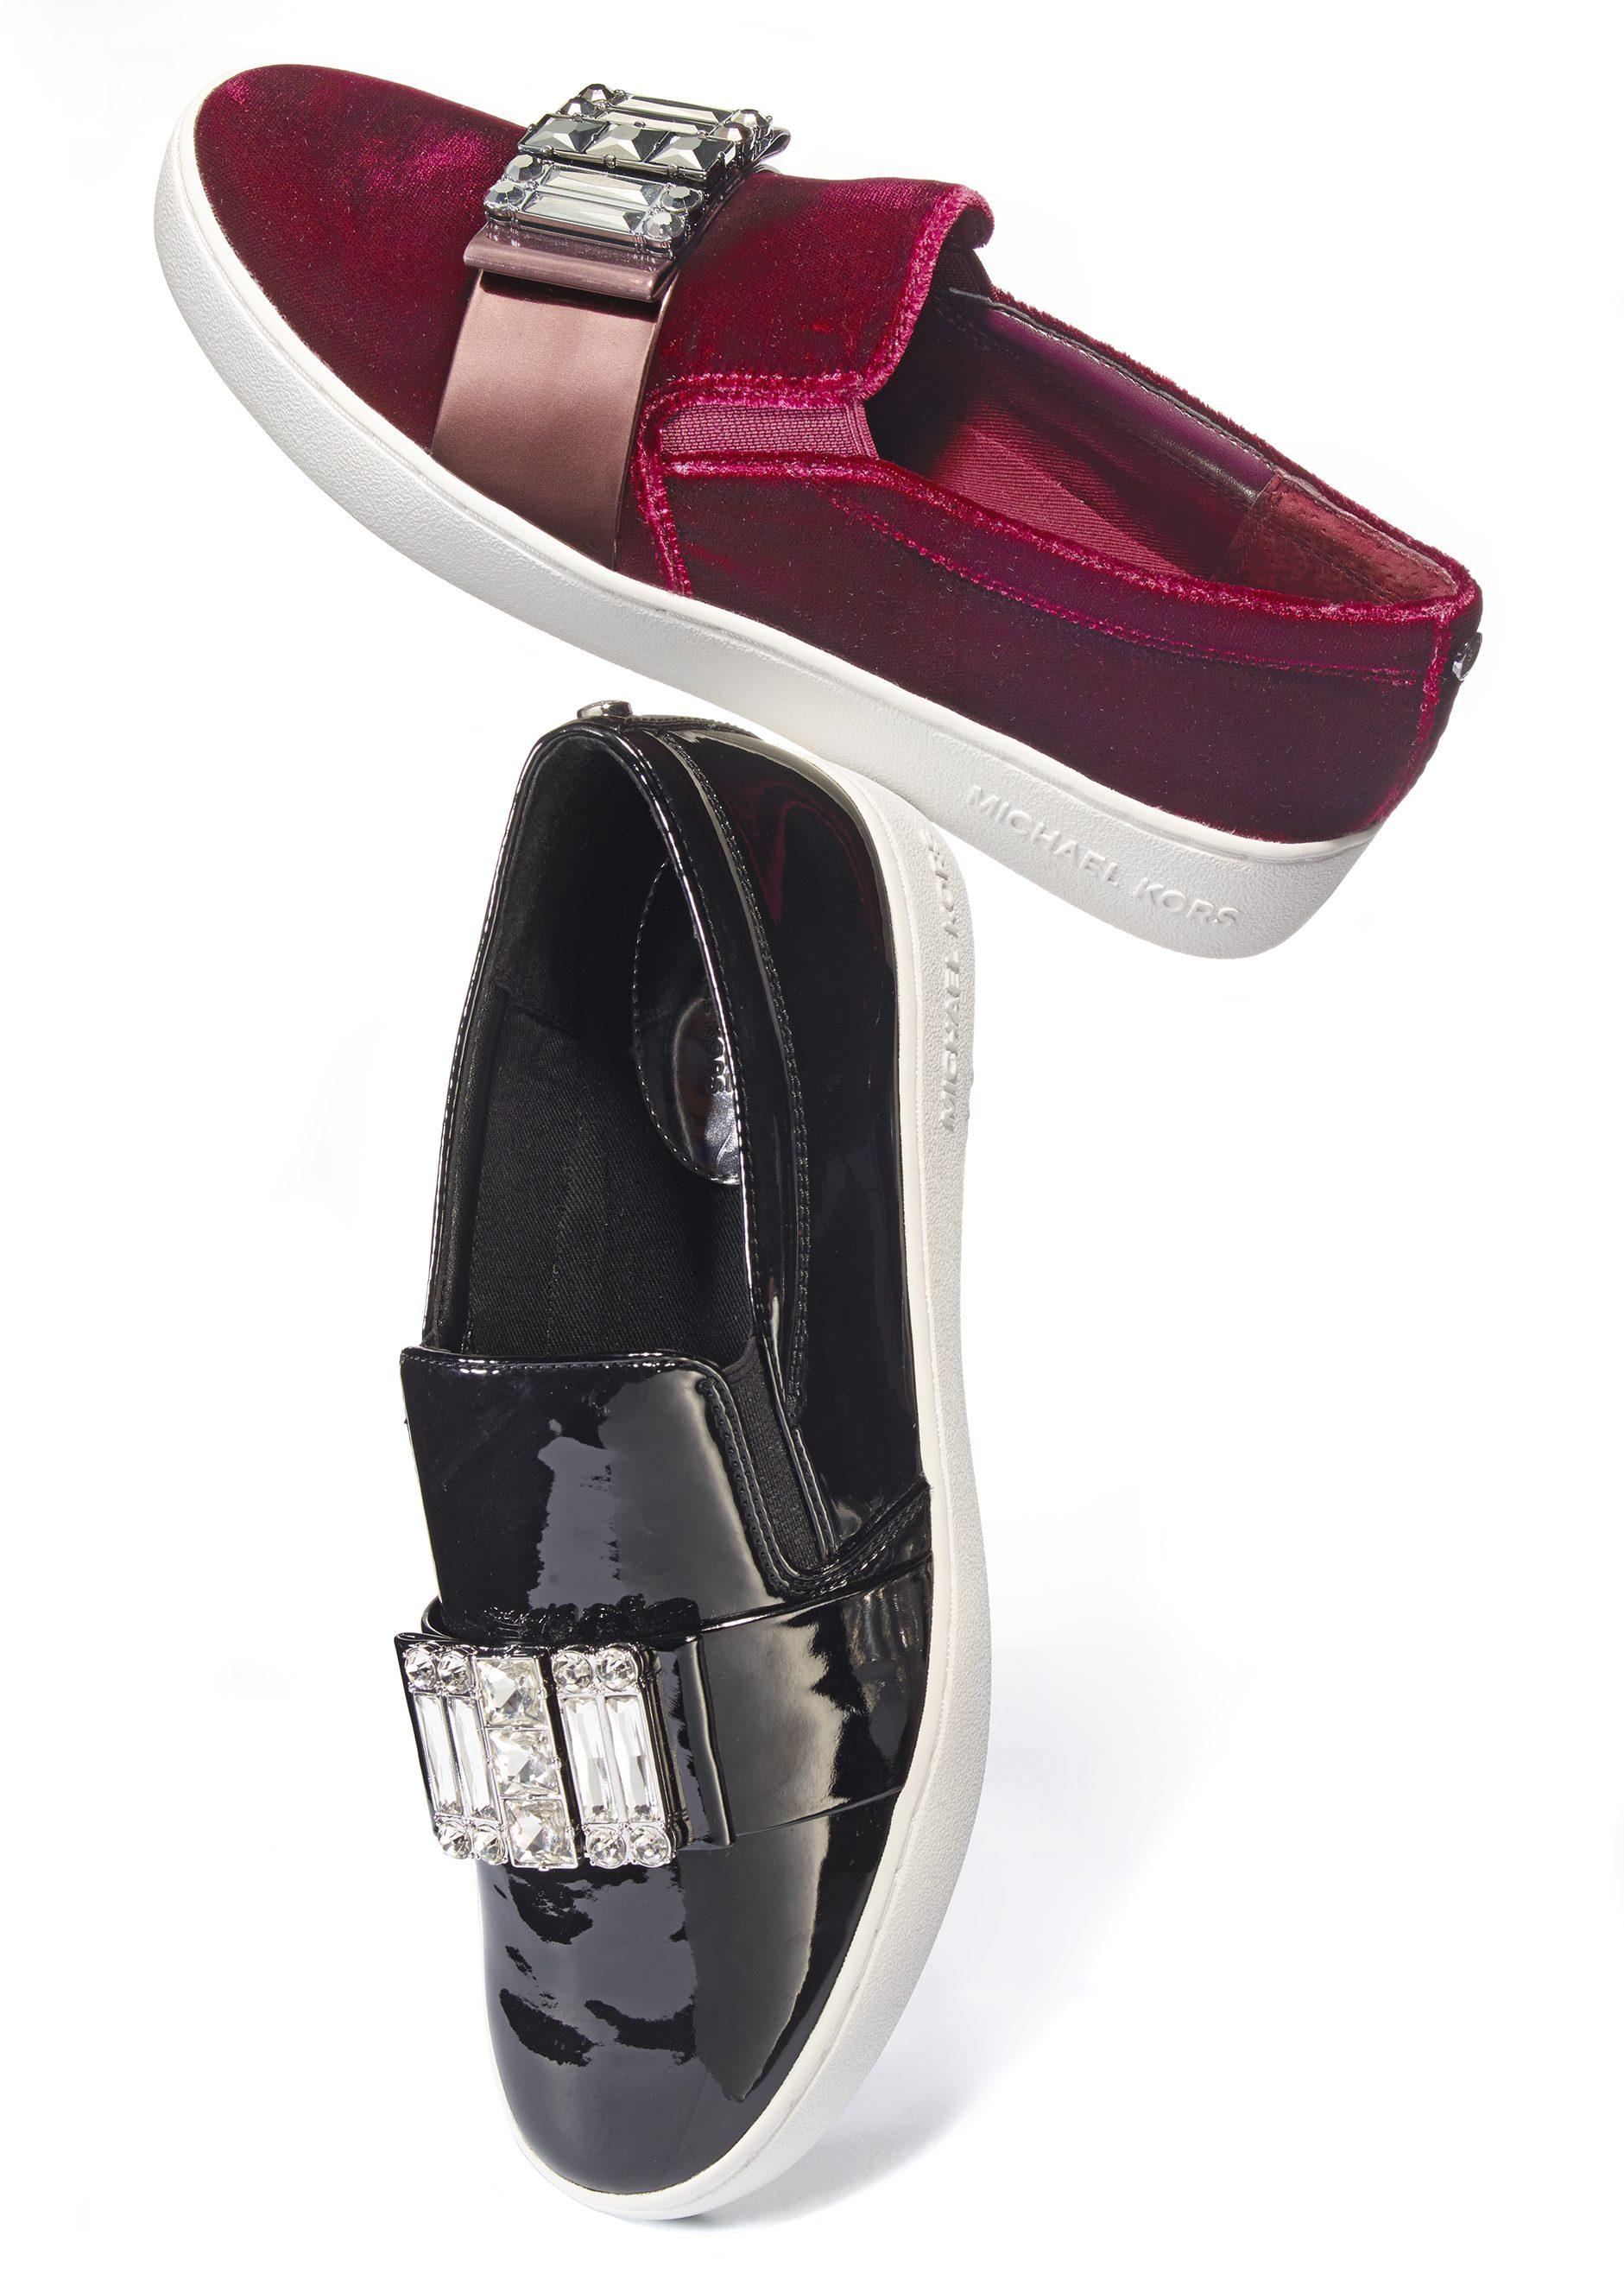 Zapatos 'loafer' presentados por la compañía Michael_Kors. Costo: $160